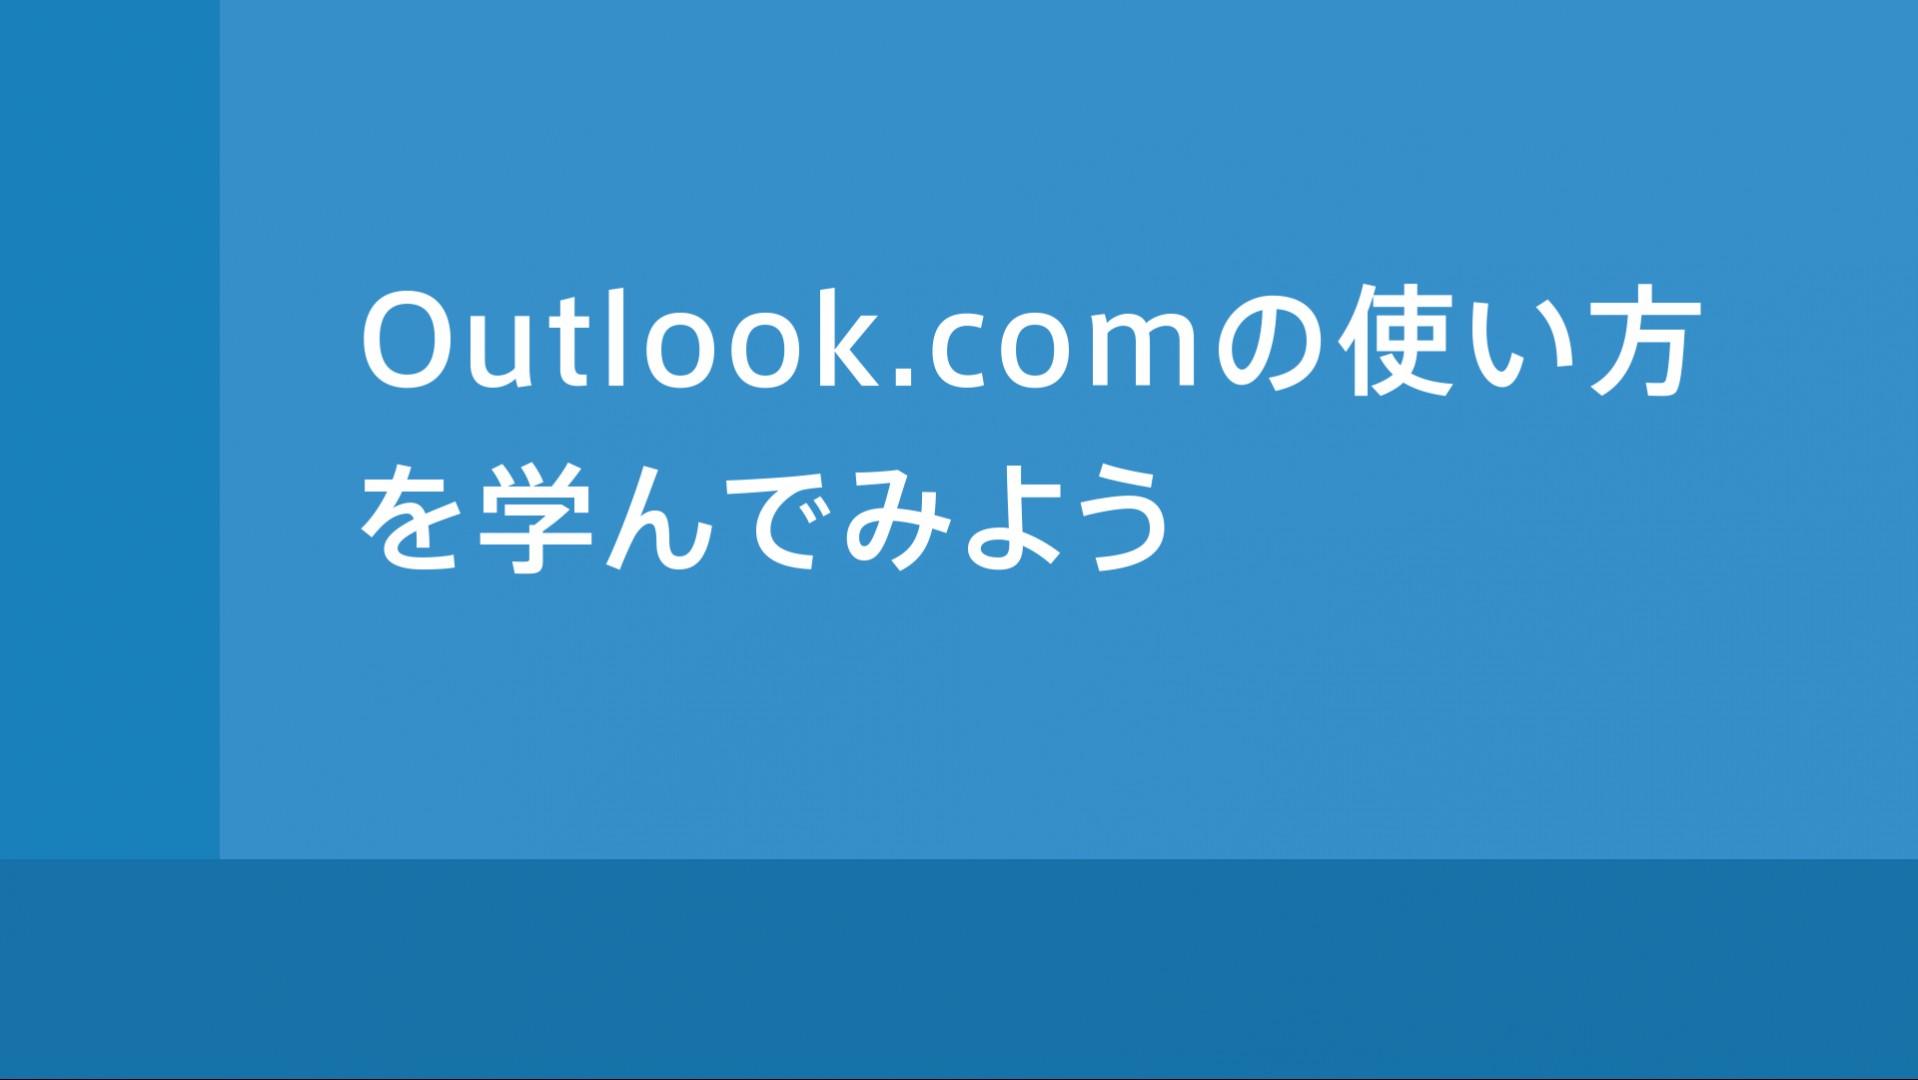 Outlook.com メールに返信する